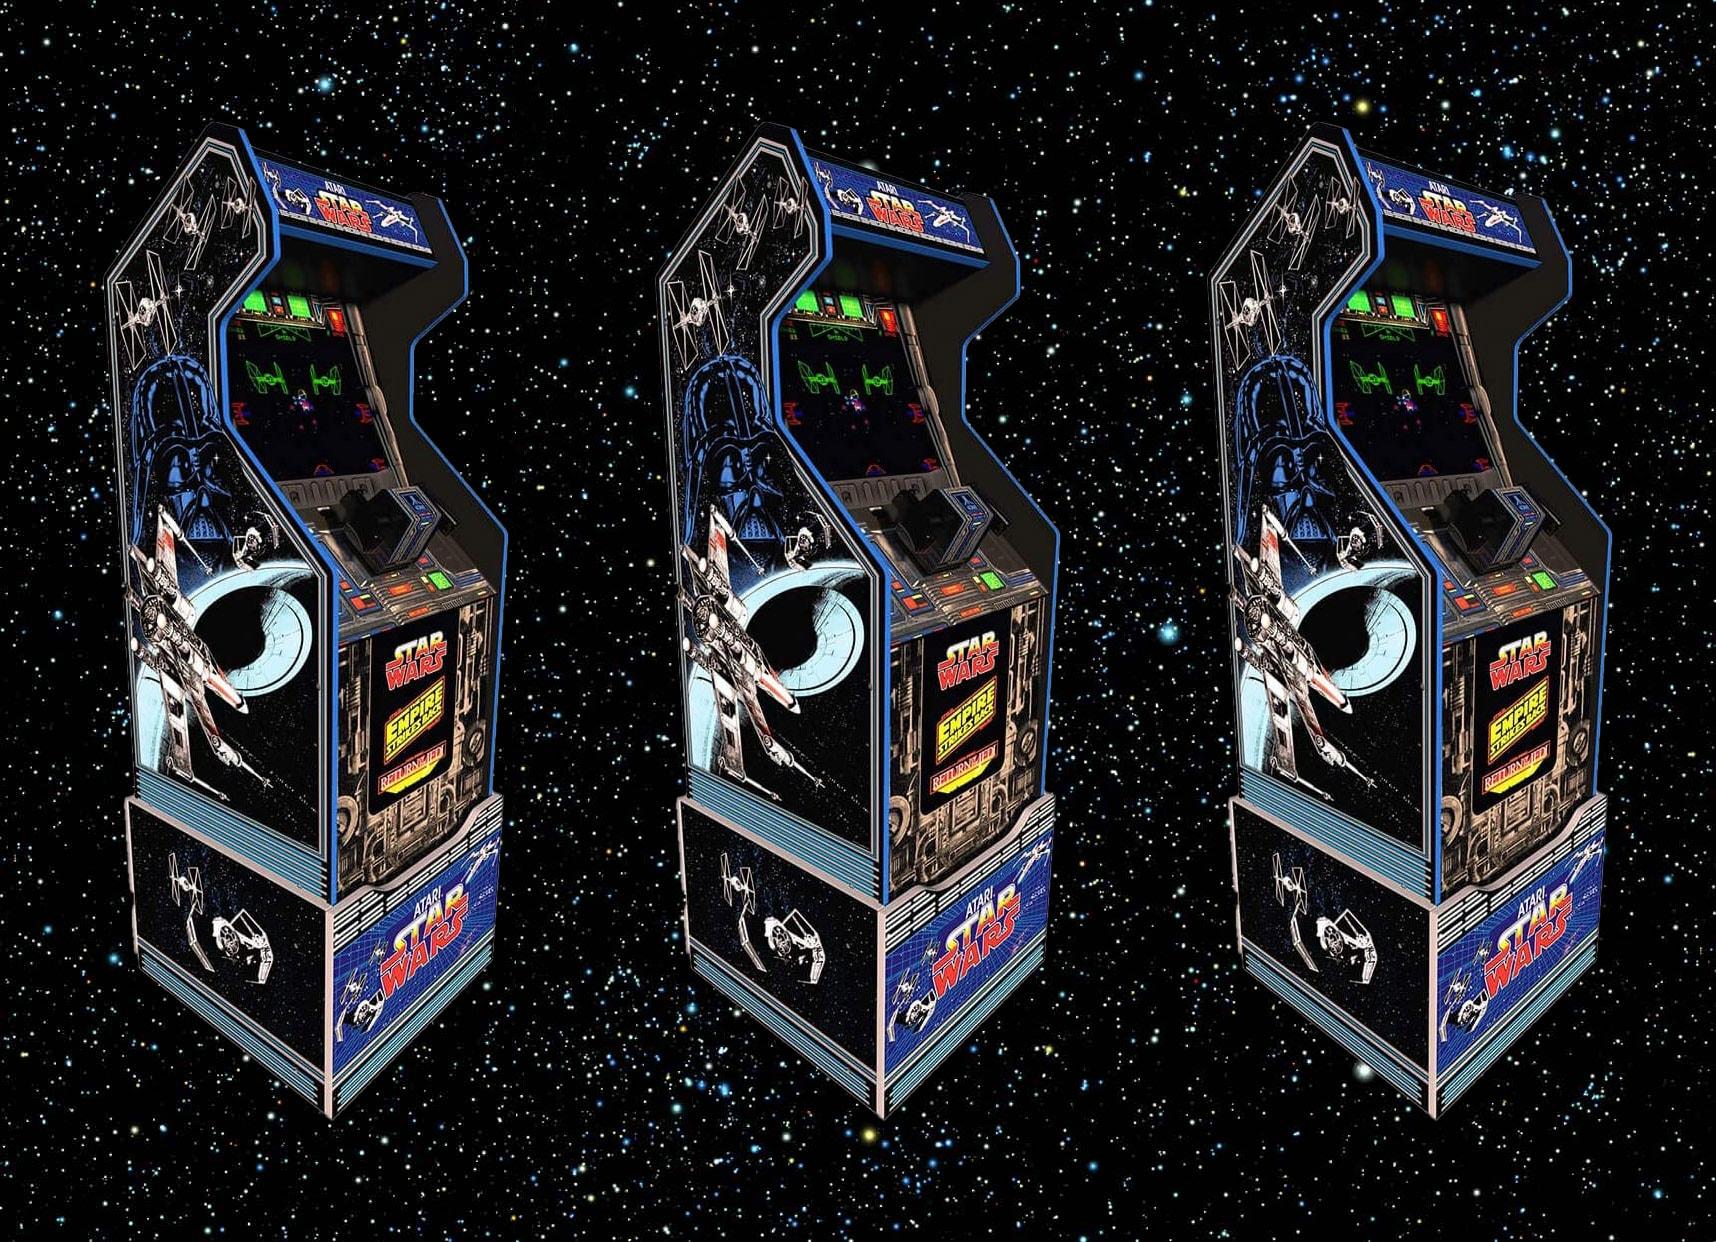 Arcade1Up Star Wars Home Arcade Cabinet